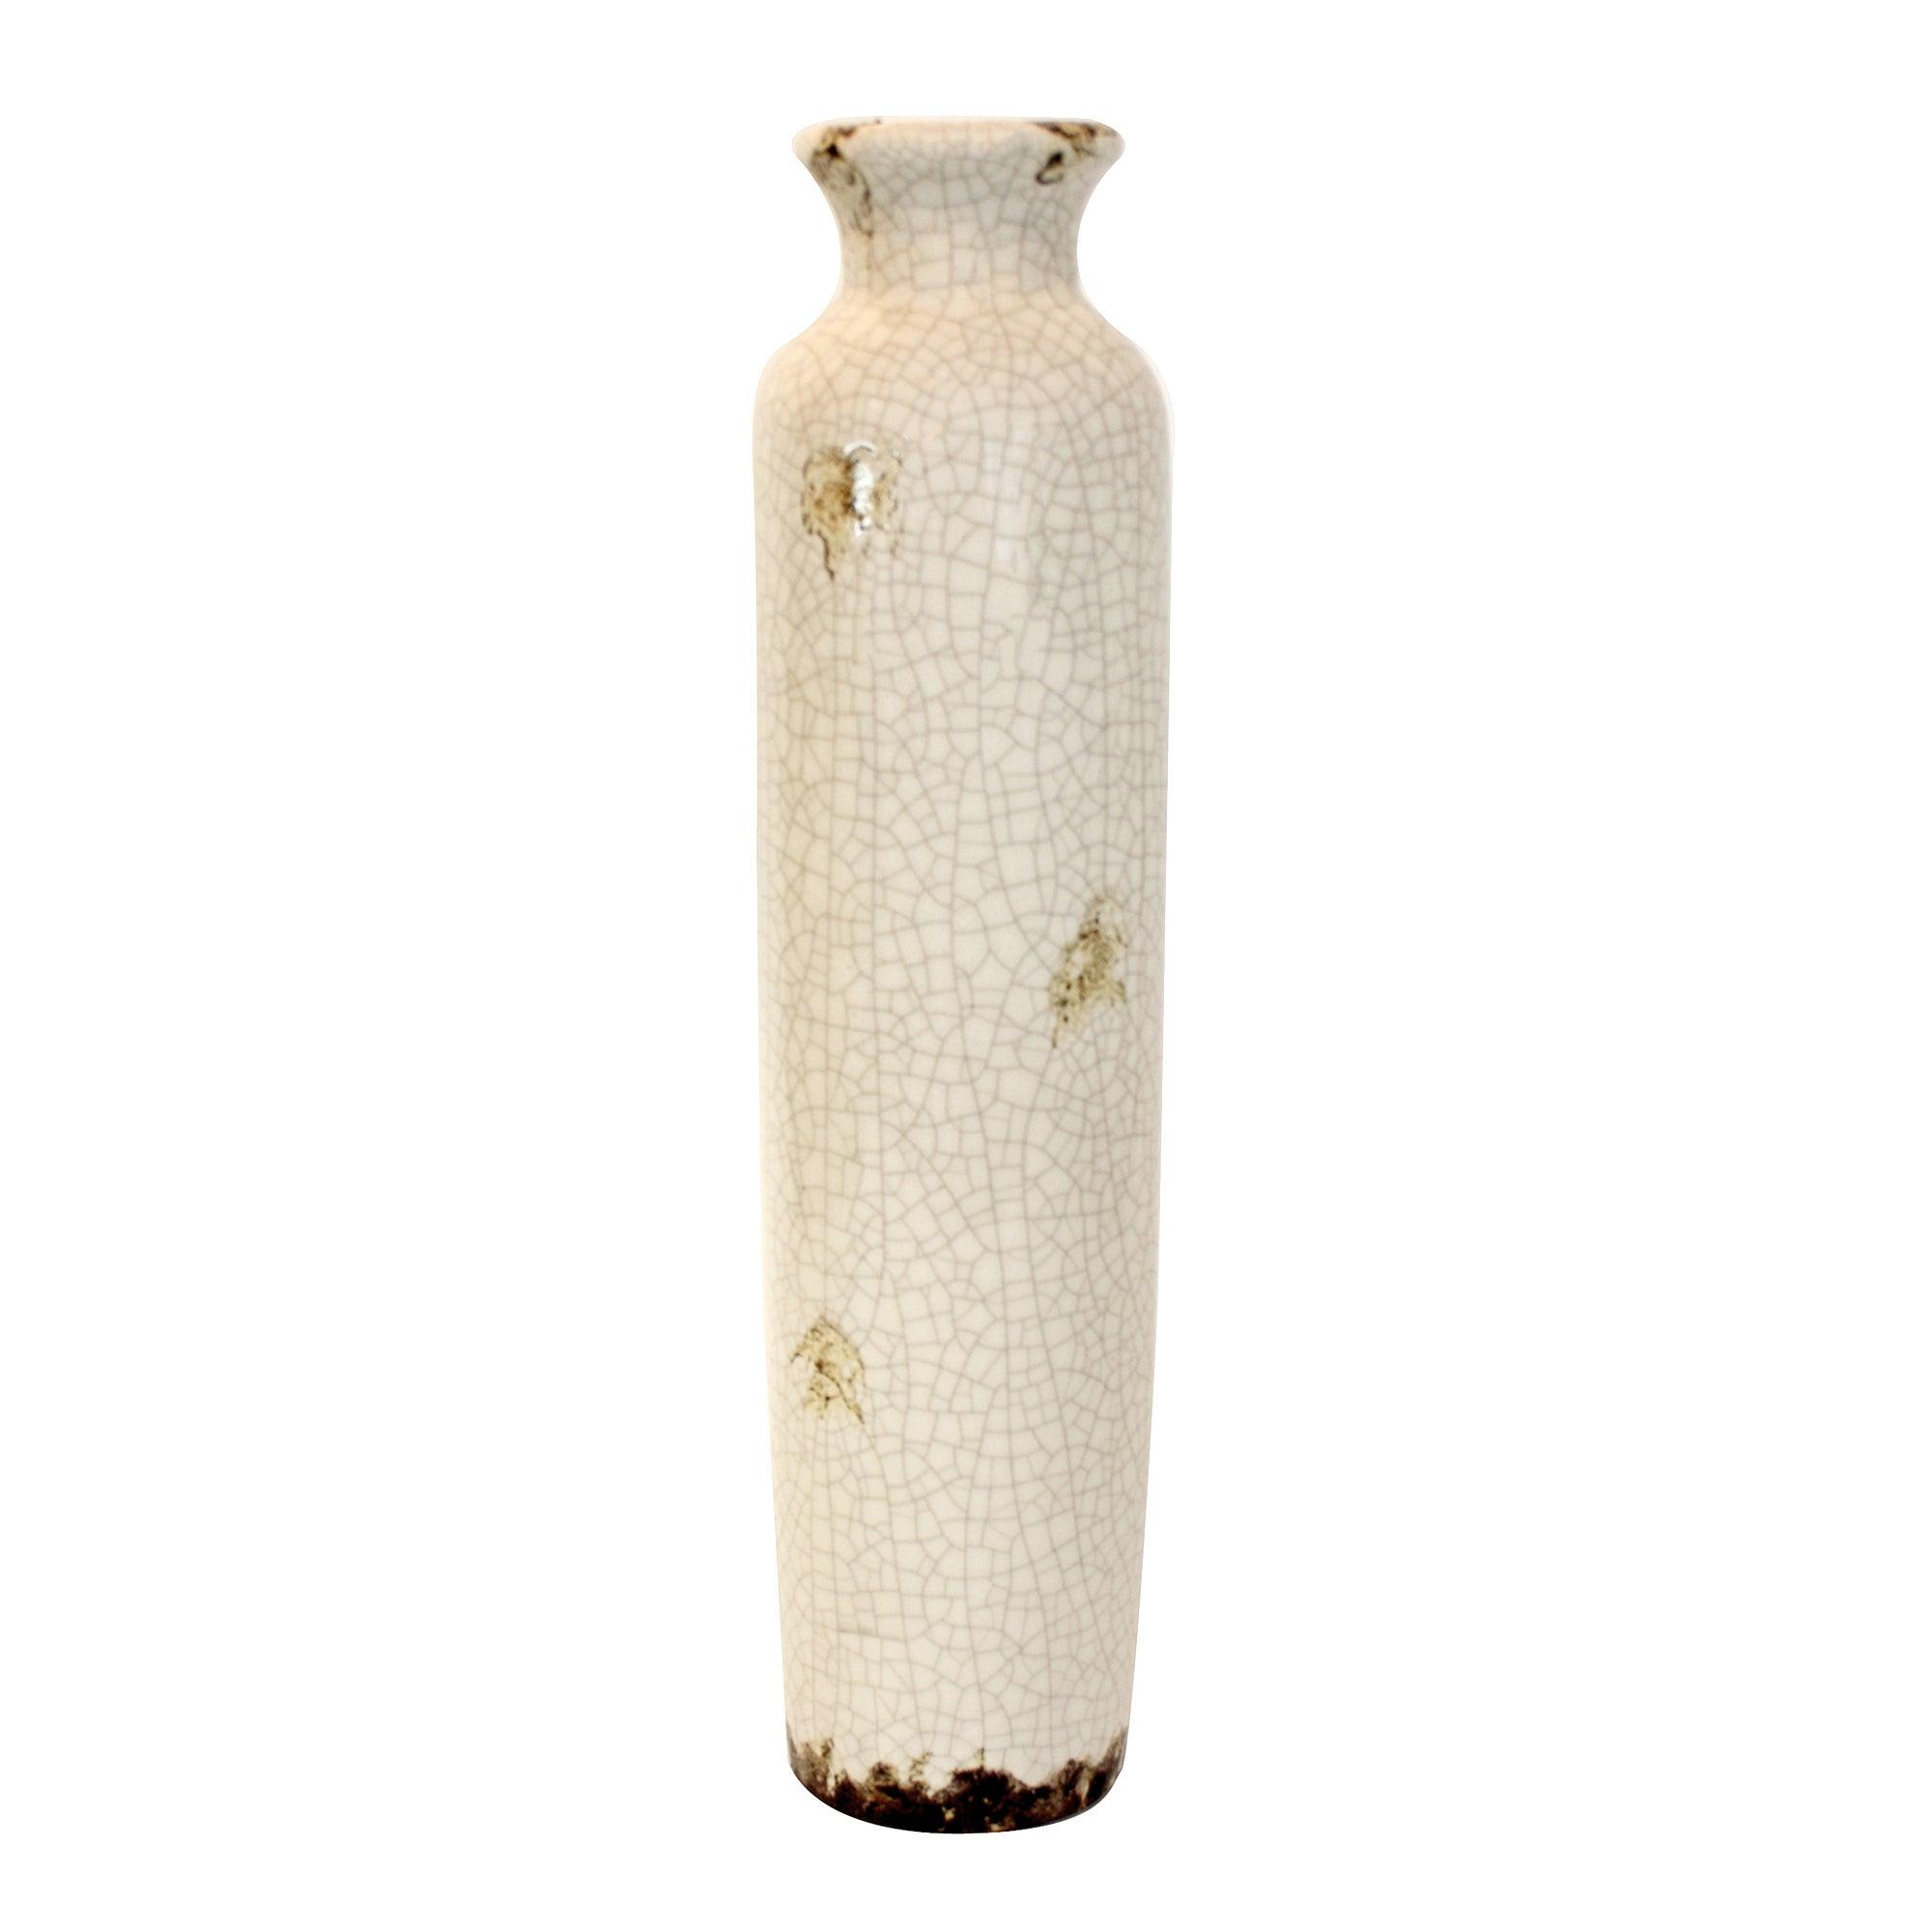 Vintage Collection Crackle Ceramic Bottle Vase